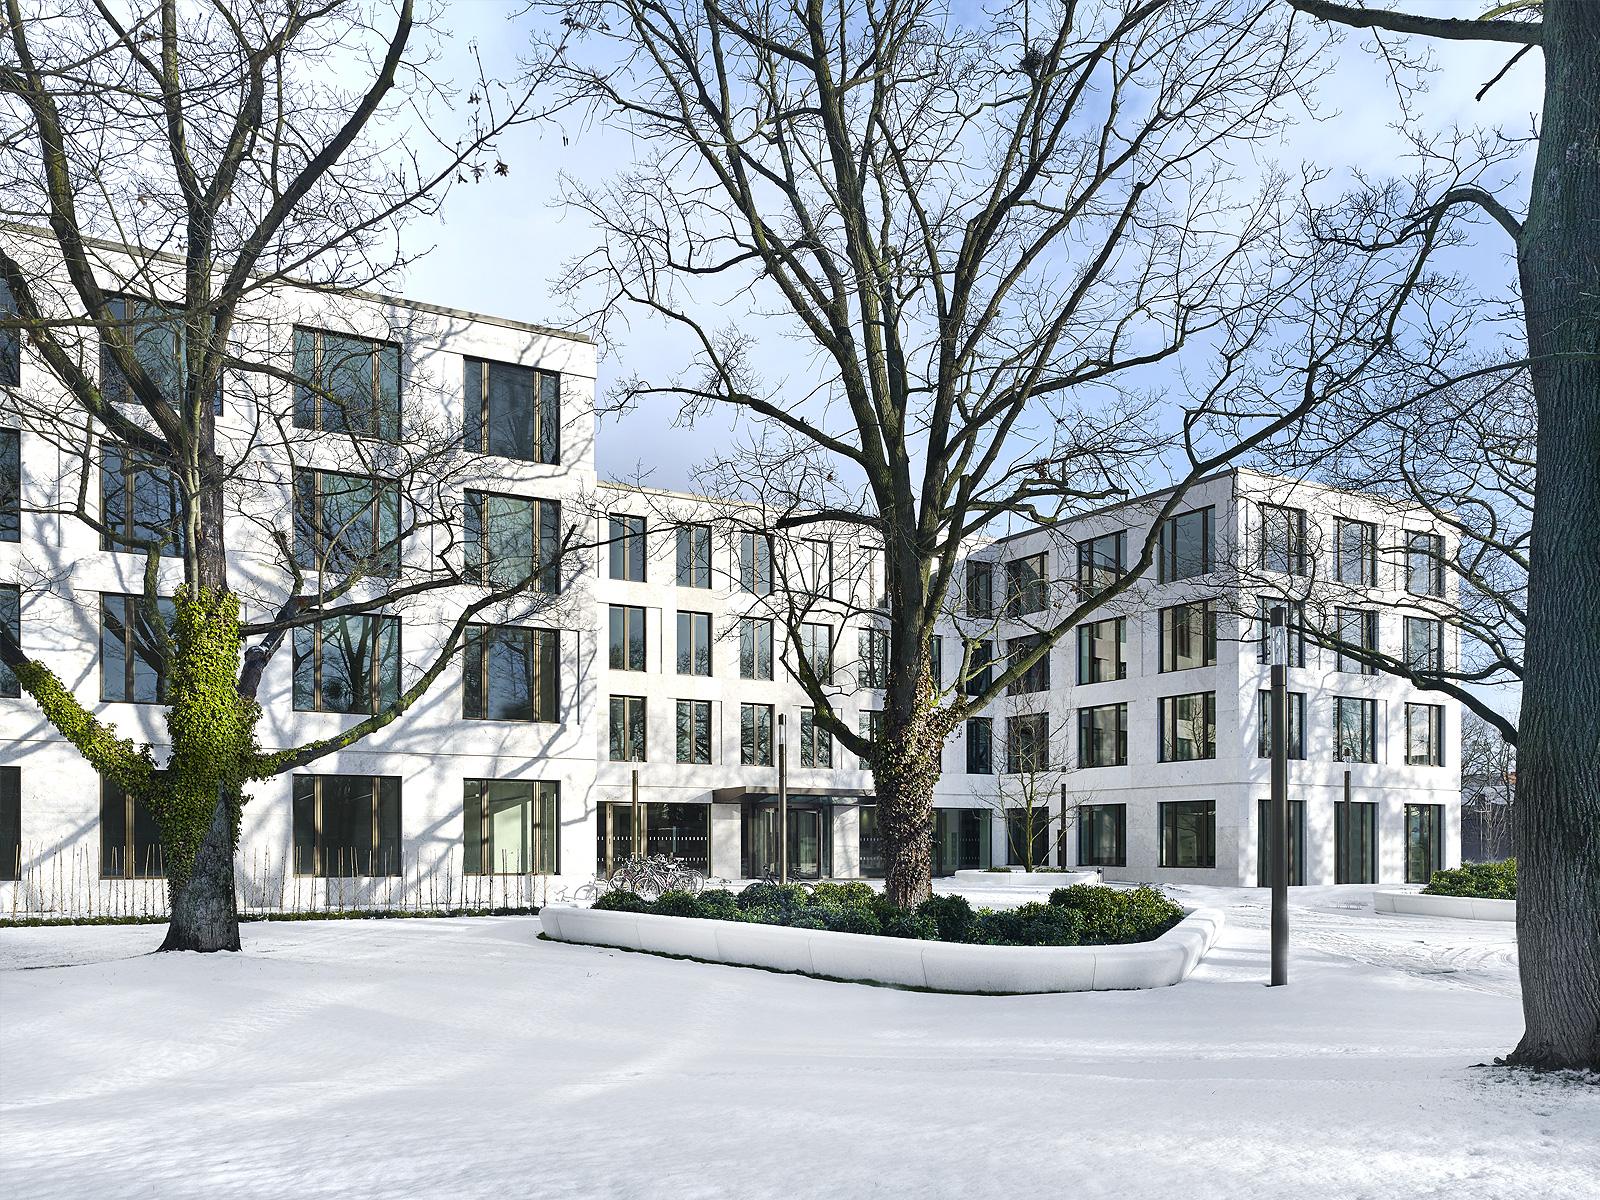 best architects architektur award arbeitsgemeinschaft objektplanung pappelallee kleihues. Black Bedroom Furniture Sets. Home Design Ideas